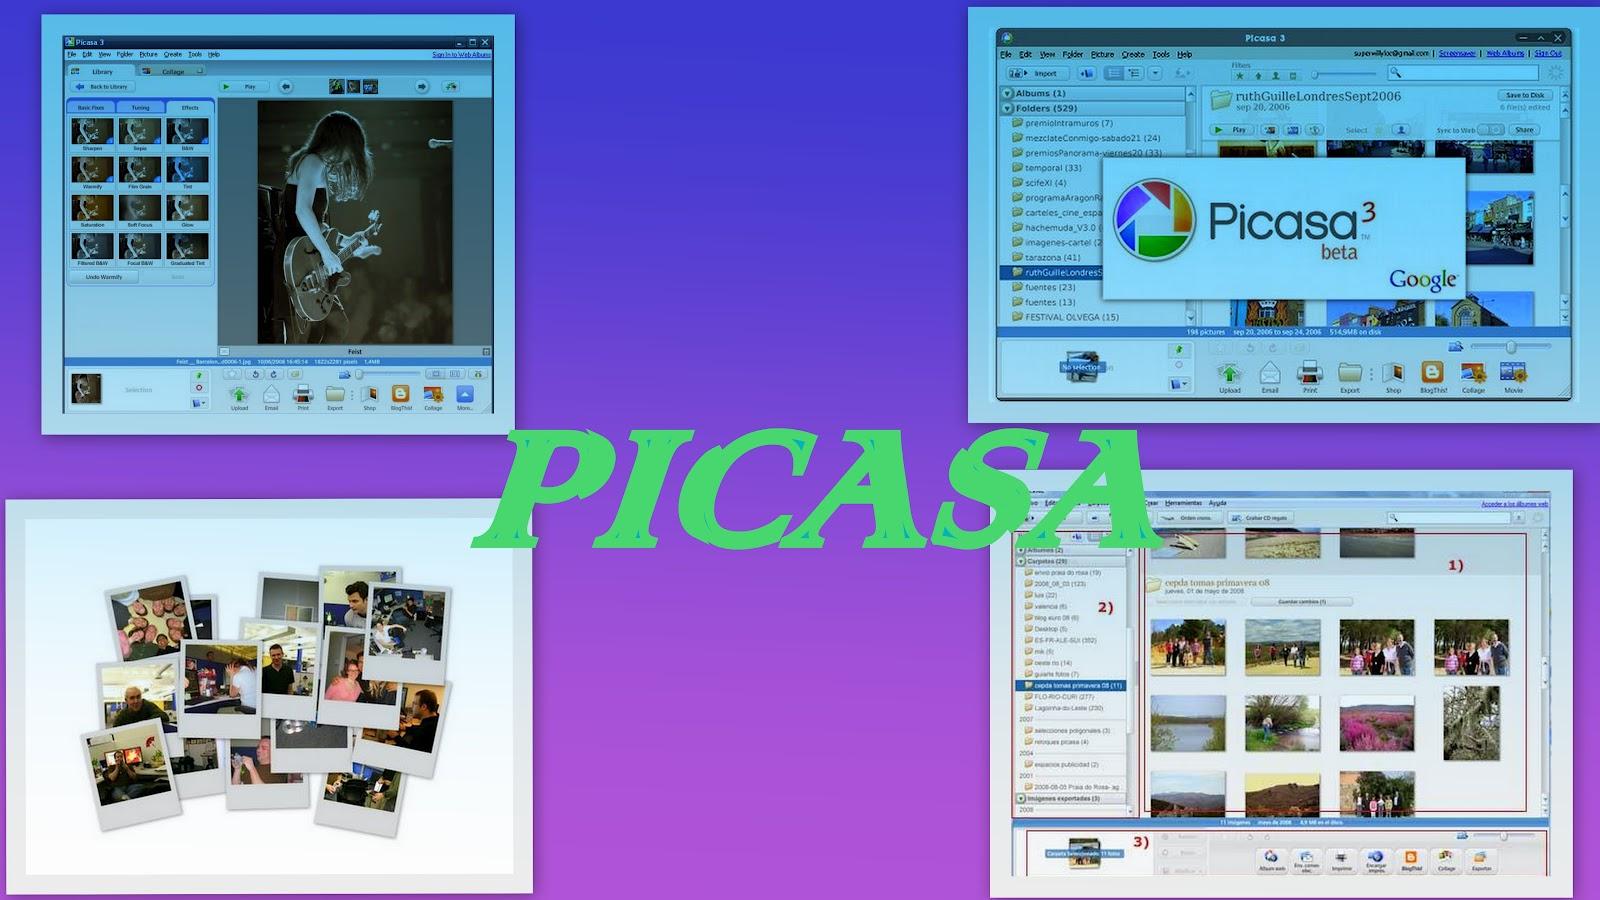 picasa 2012